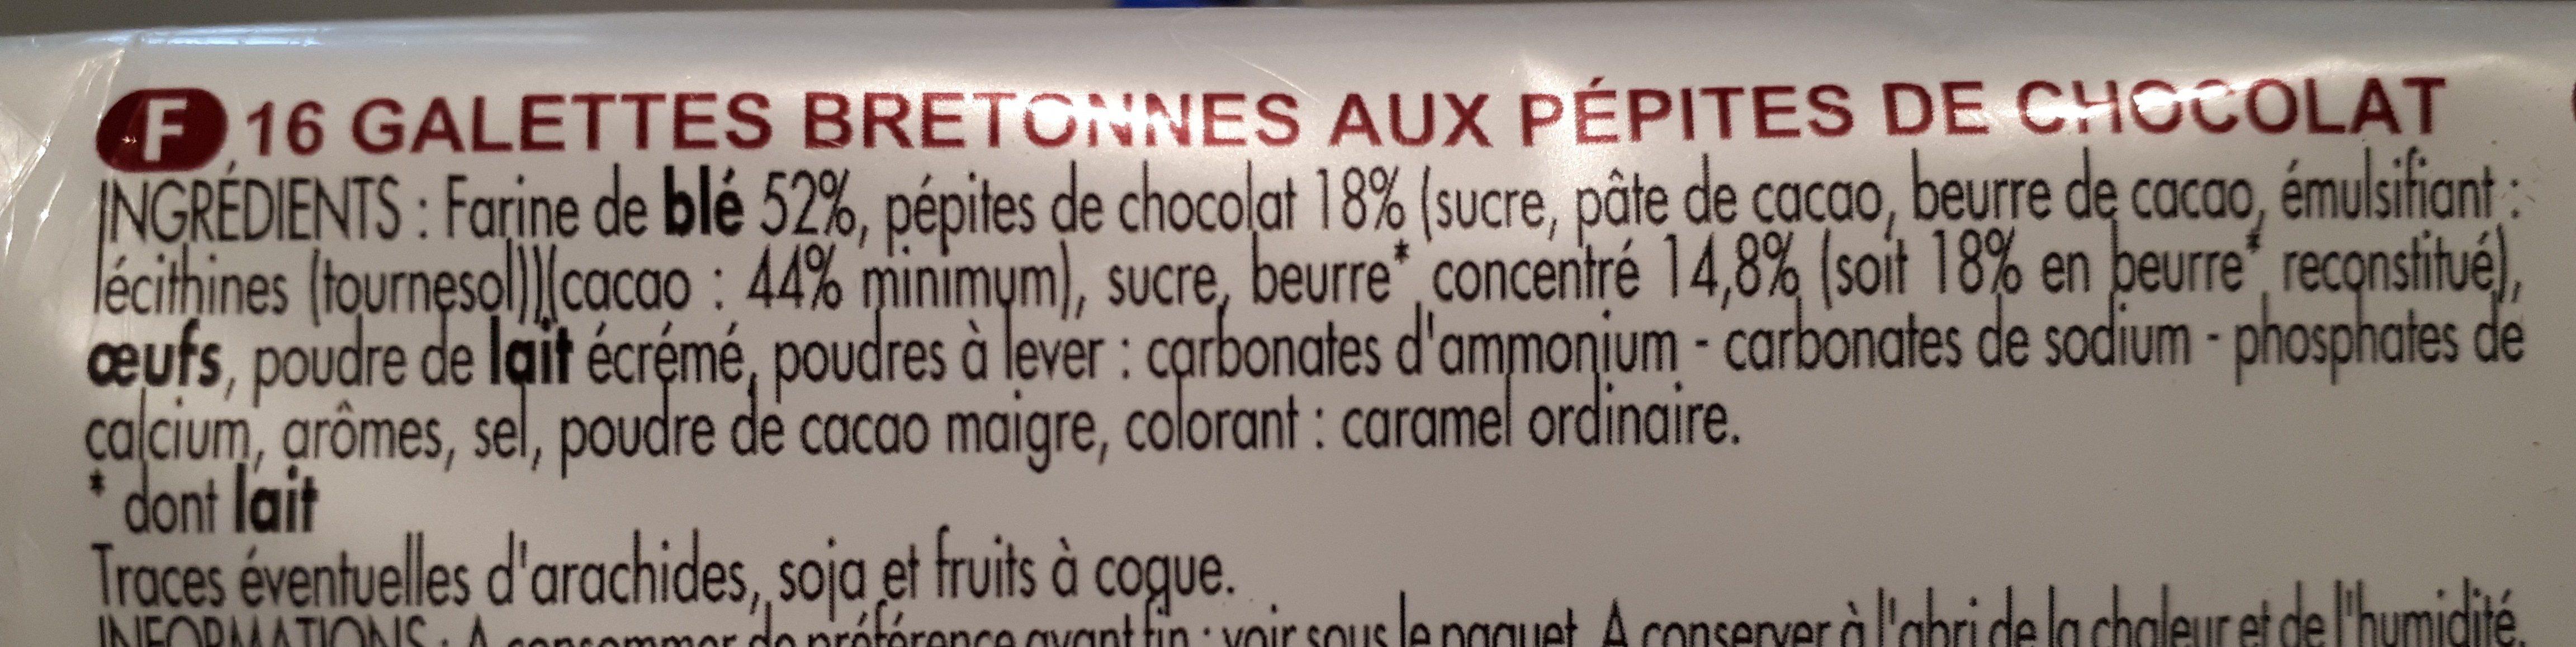 Galettes bretonnes pépites de chocolat - Ingrédients - fr